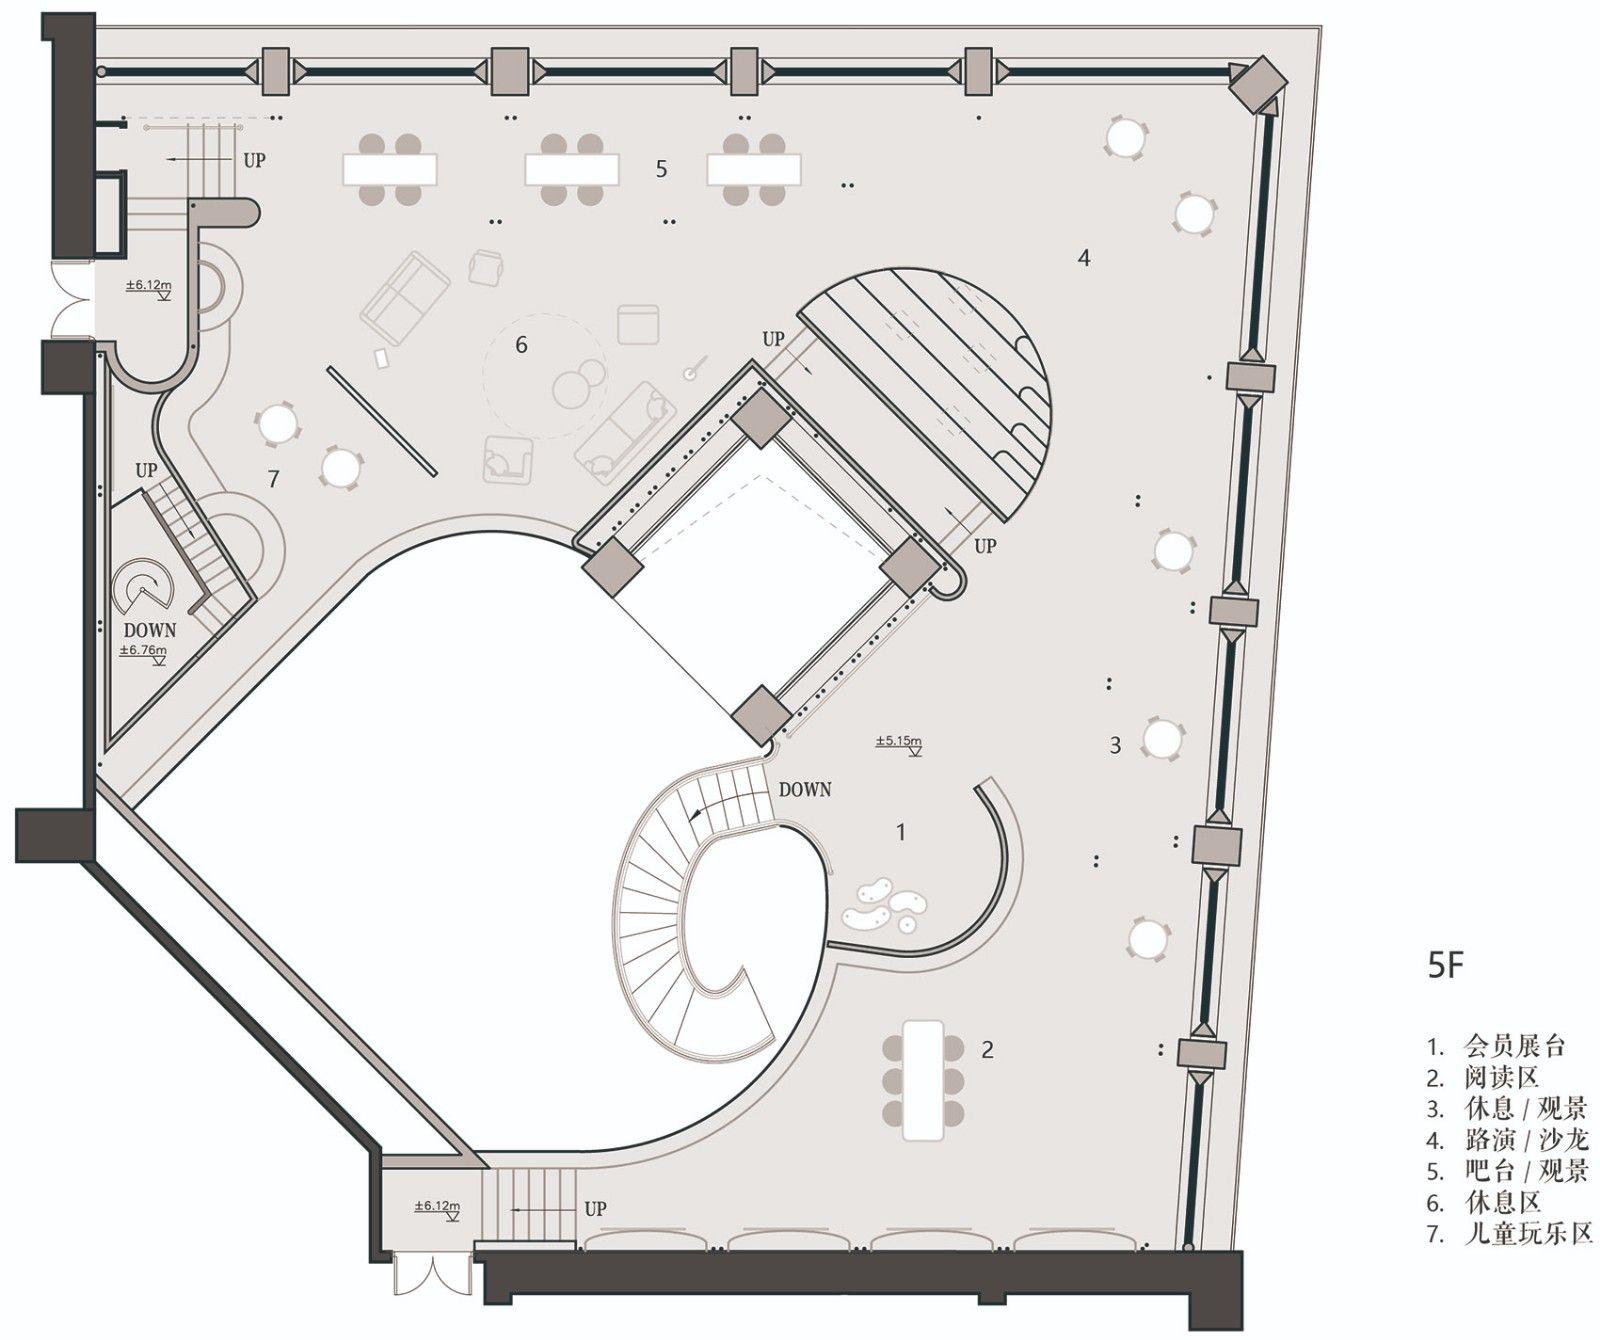 长风大悦城会员空间,上海 / 裸筑更新 裸筑更新建筑设计 - 36